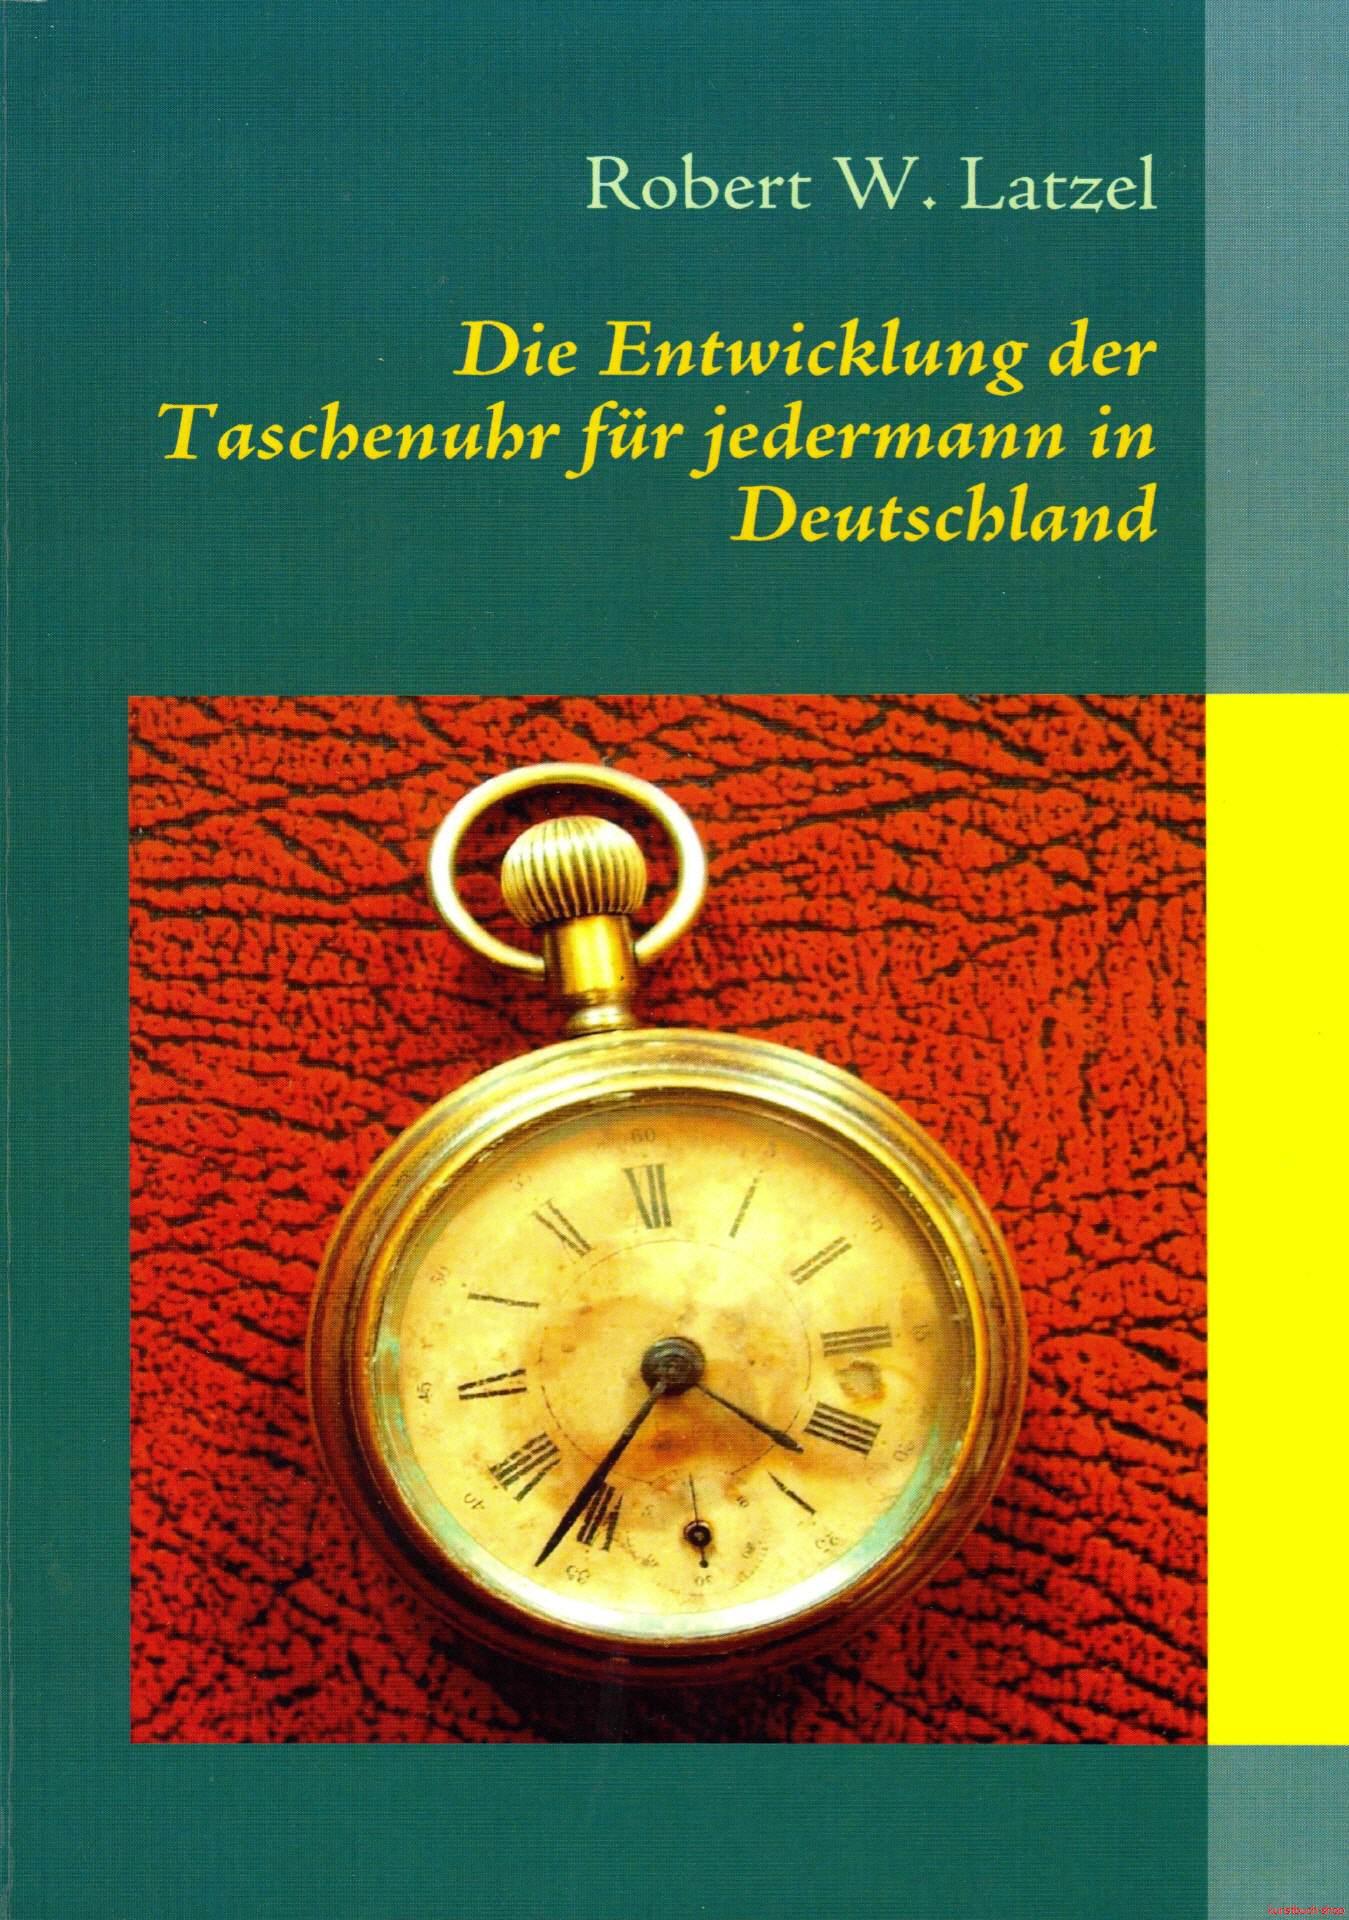 Die Entwicklung der Taschenuhr für jedermann in Deutschland - Robert W. Latzel